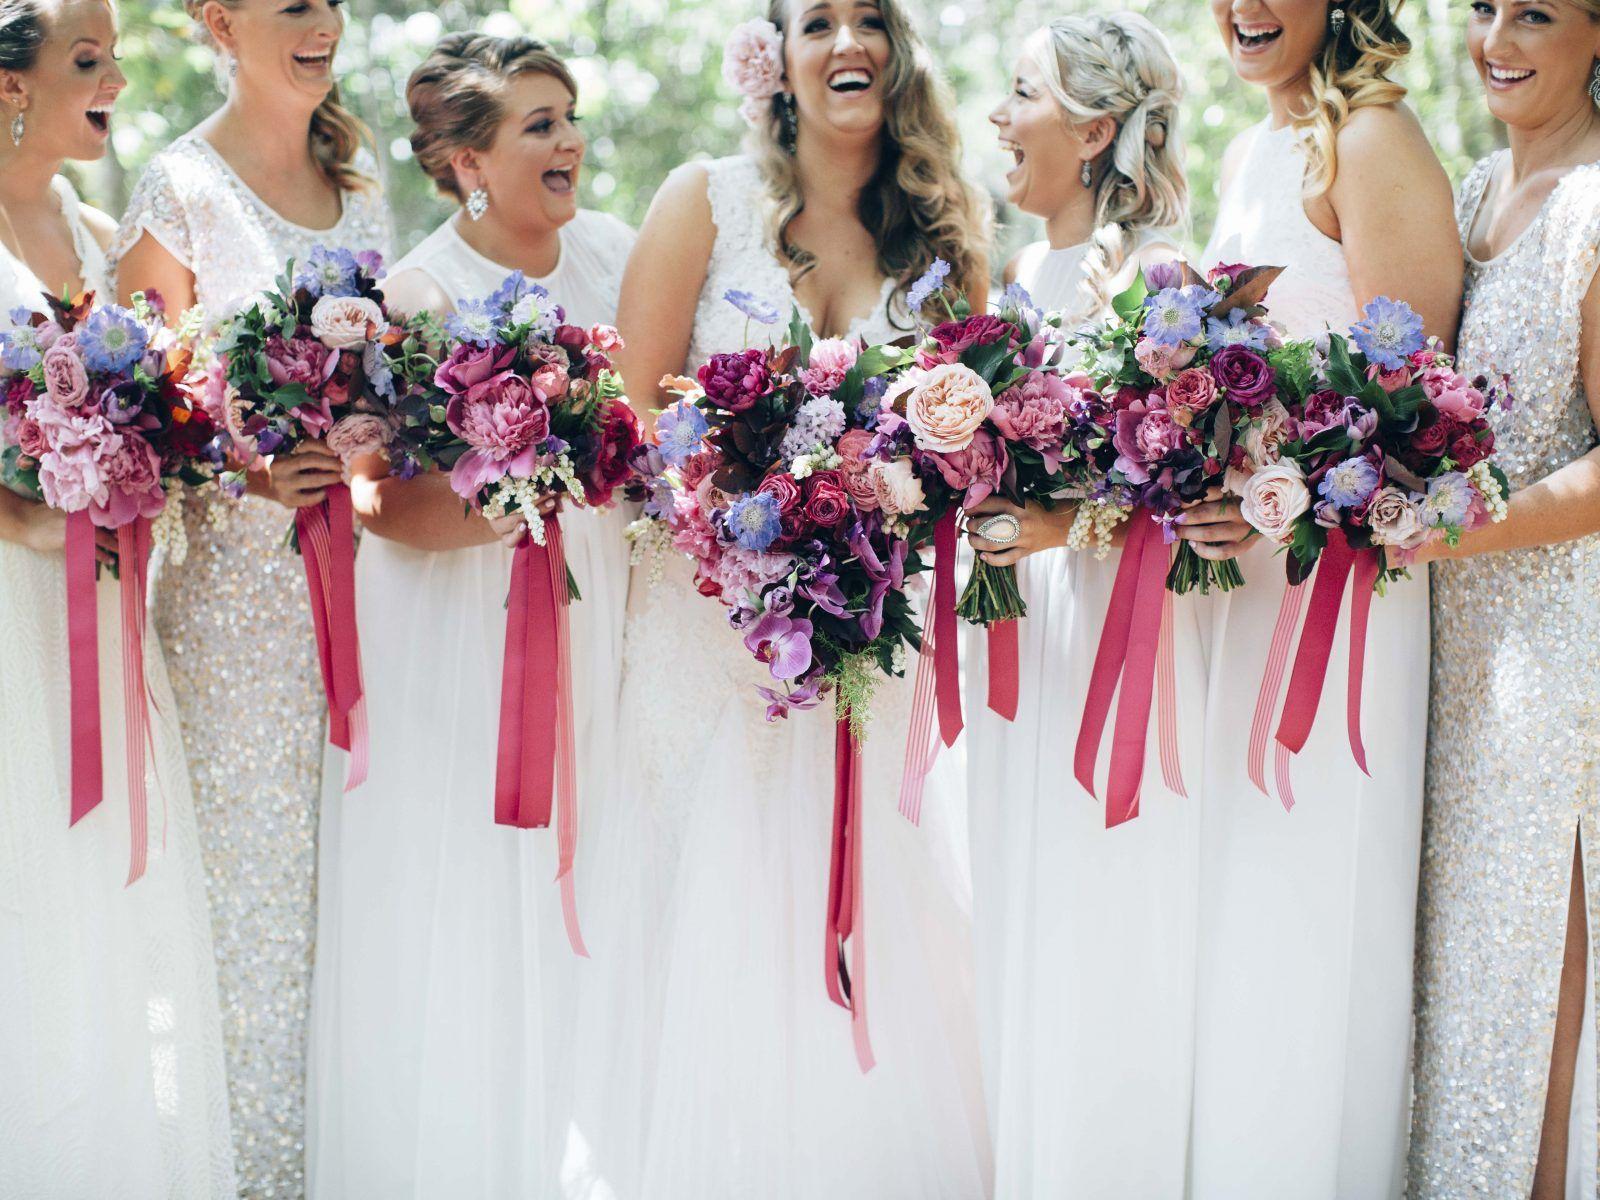 Figtree Wedding Photography Wedding Photography Australia